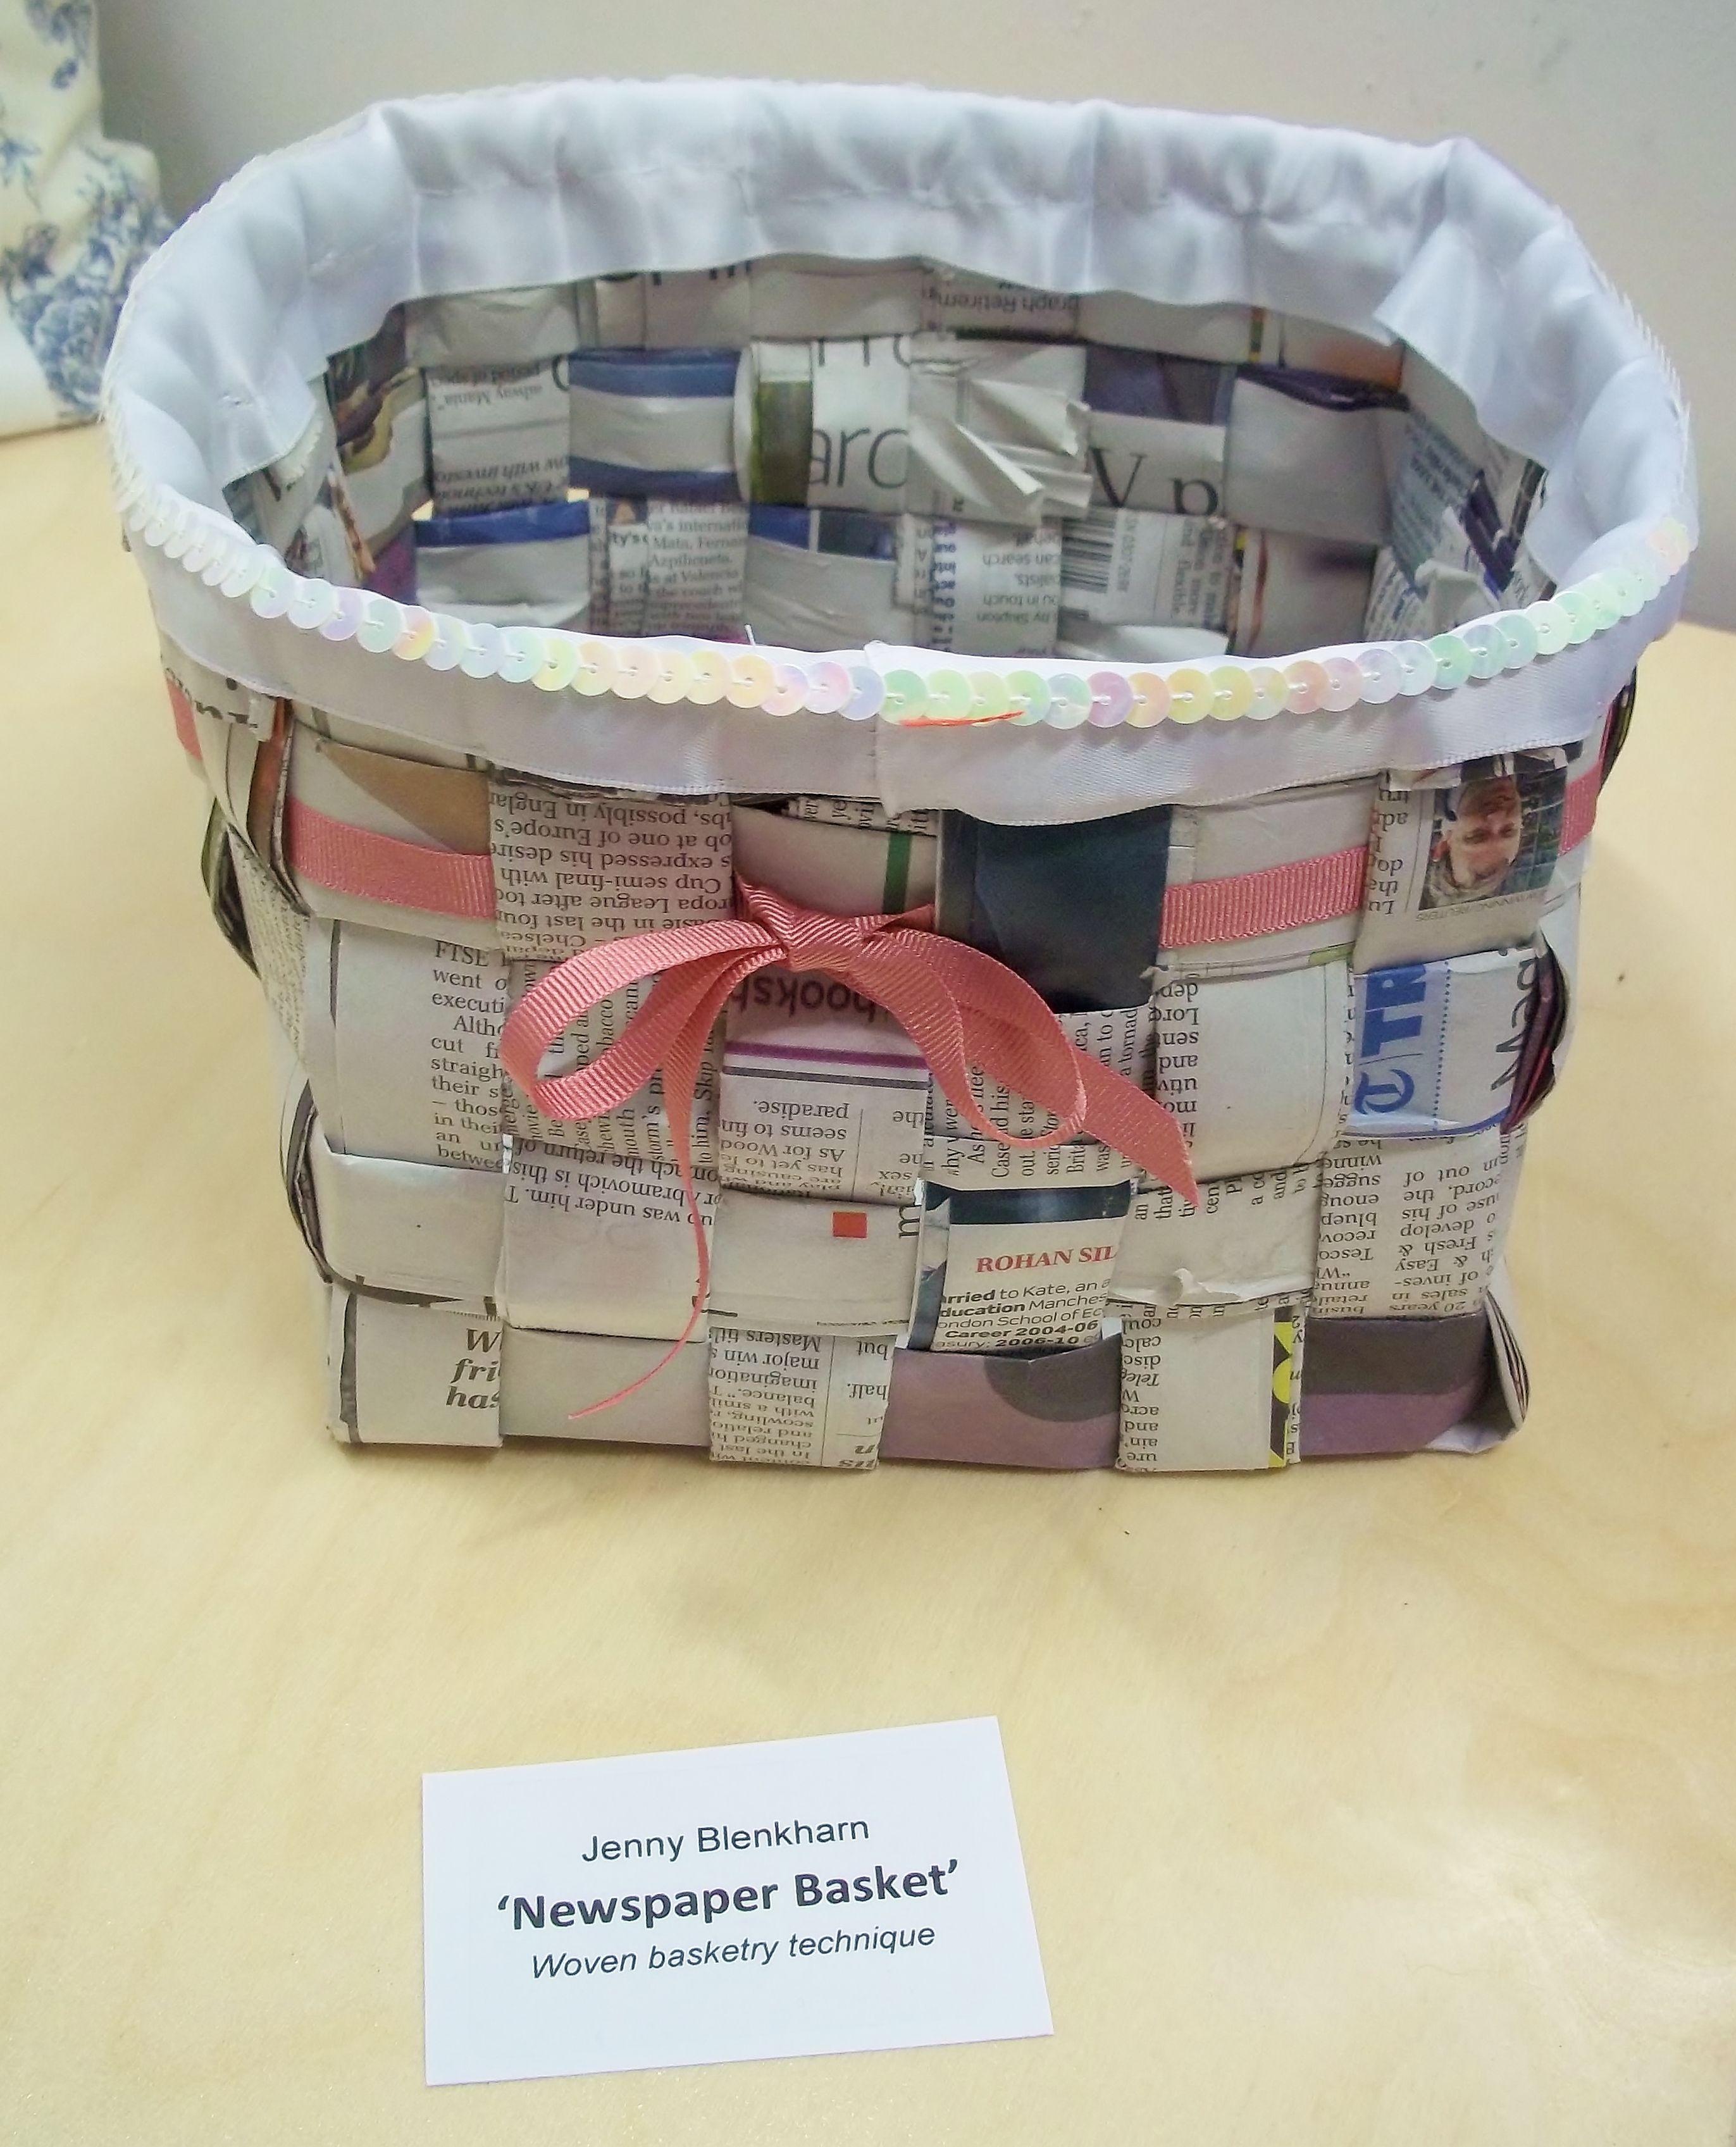 Jenny's 'Newspaper Basket'